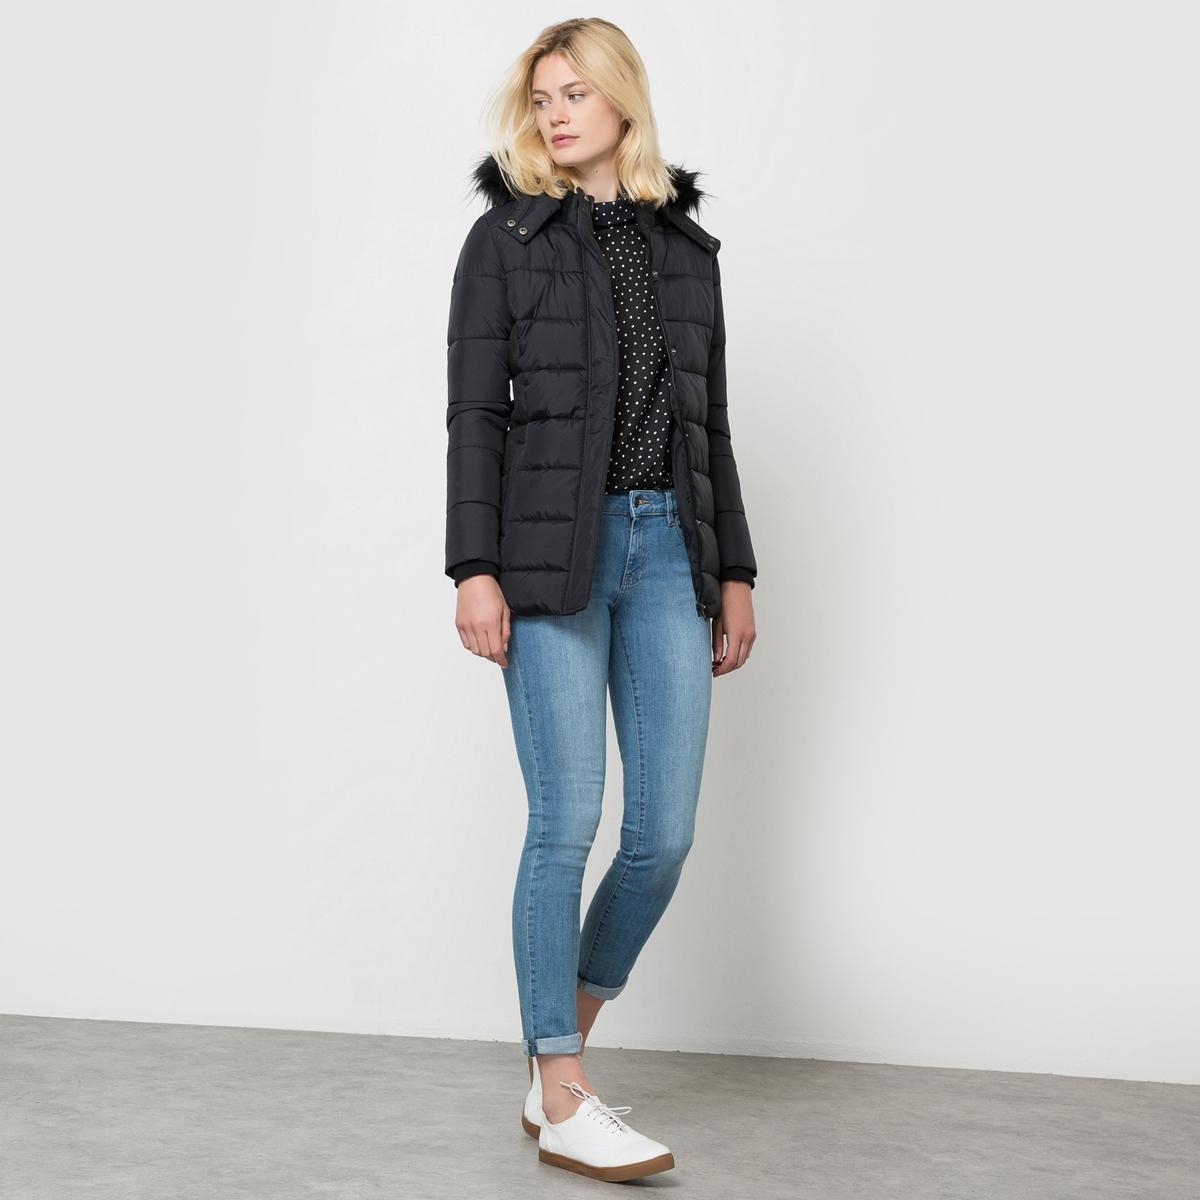 Куртка стёганая с капюшоном, CASPIКуртка CASPI от KAPORAL. Стеганая куртка. Капюшон с опушкой из искусственного меха. Эластичный пояс.Состав и описаниеМарка :  KAPORALМодель : CASPIМатериалы : 100% полиэстера<br><br>Цвет: черный<br>Размер: M